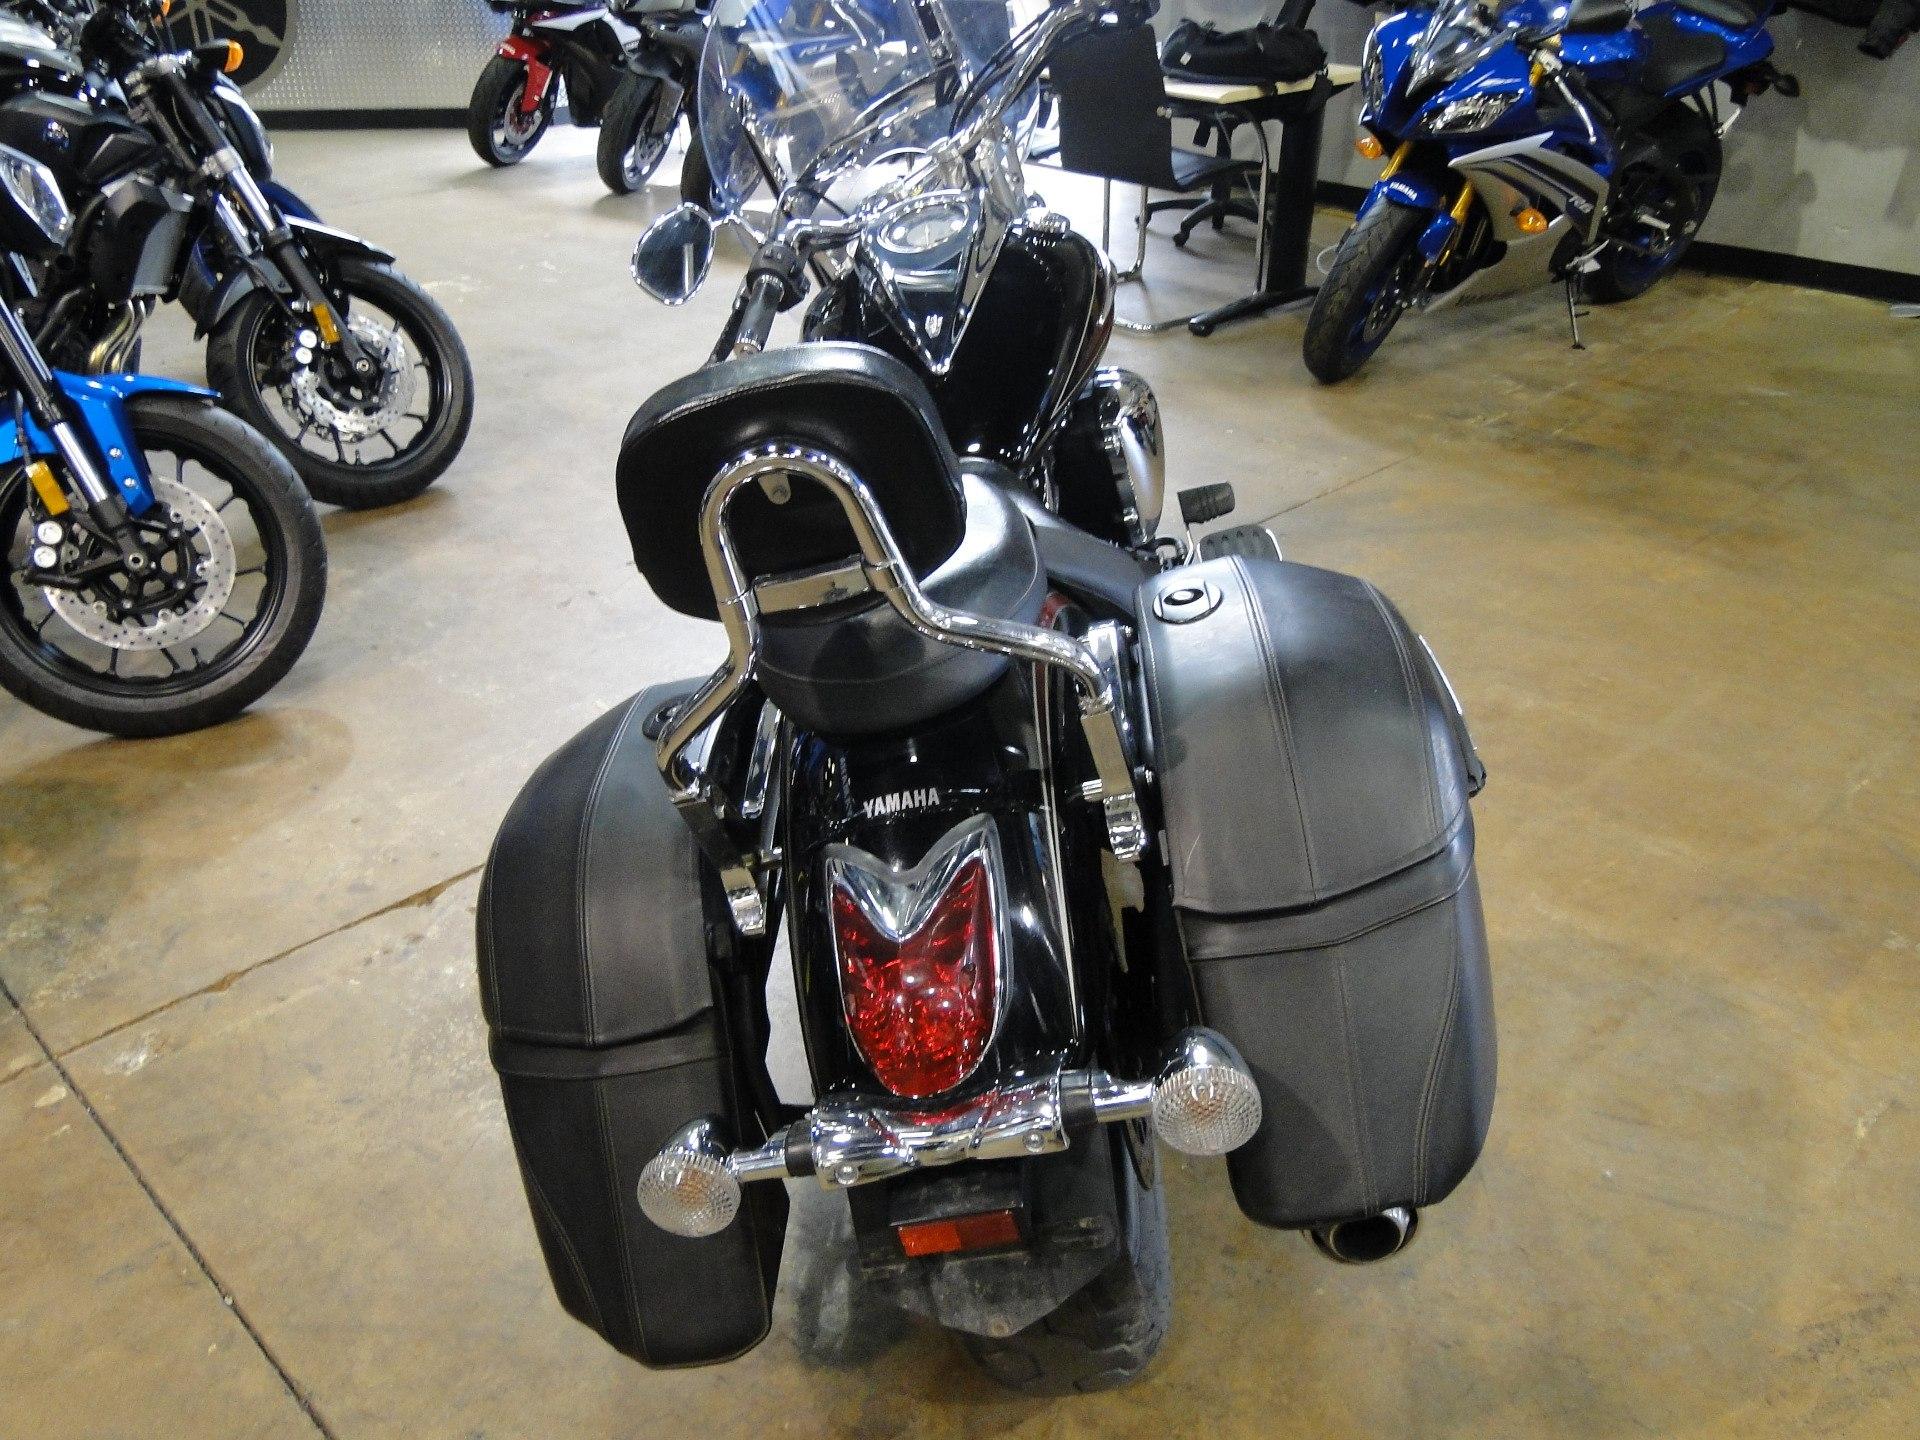 2014 Yamaha V Star 950 Tourer in Denver, Colorado